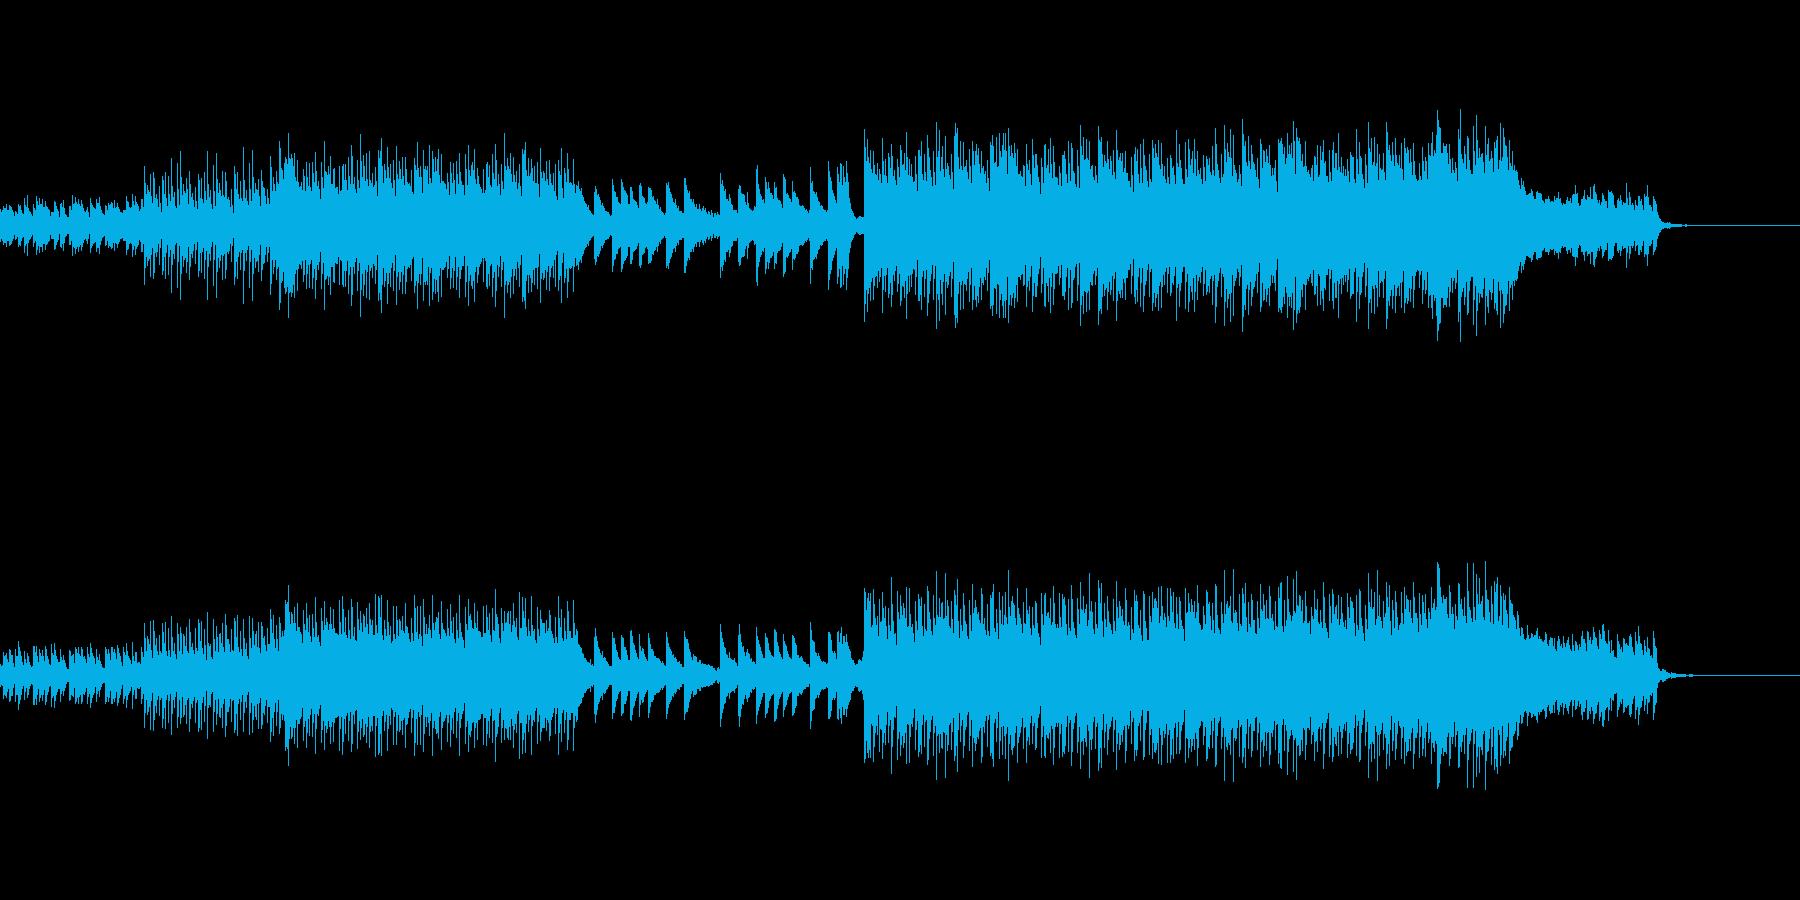 明るい未来へと続く曲の再生済みの波形